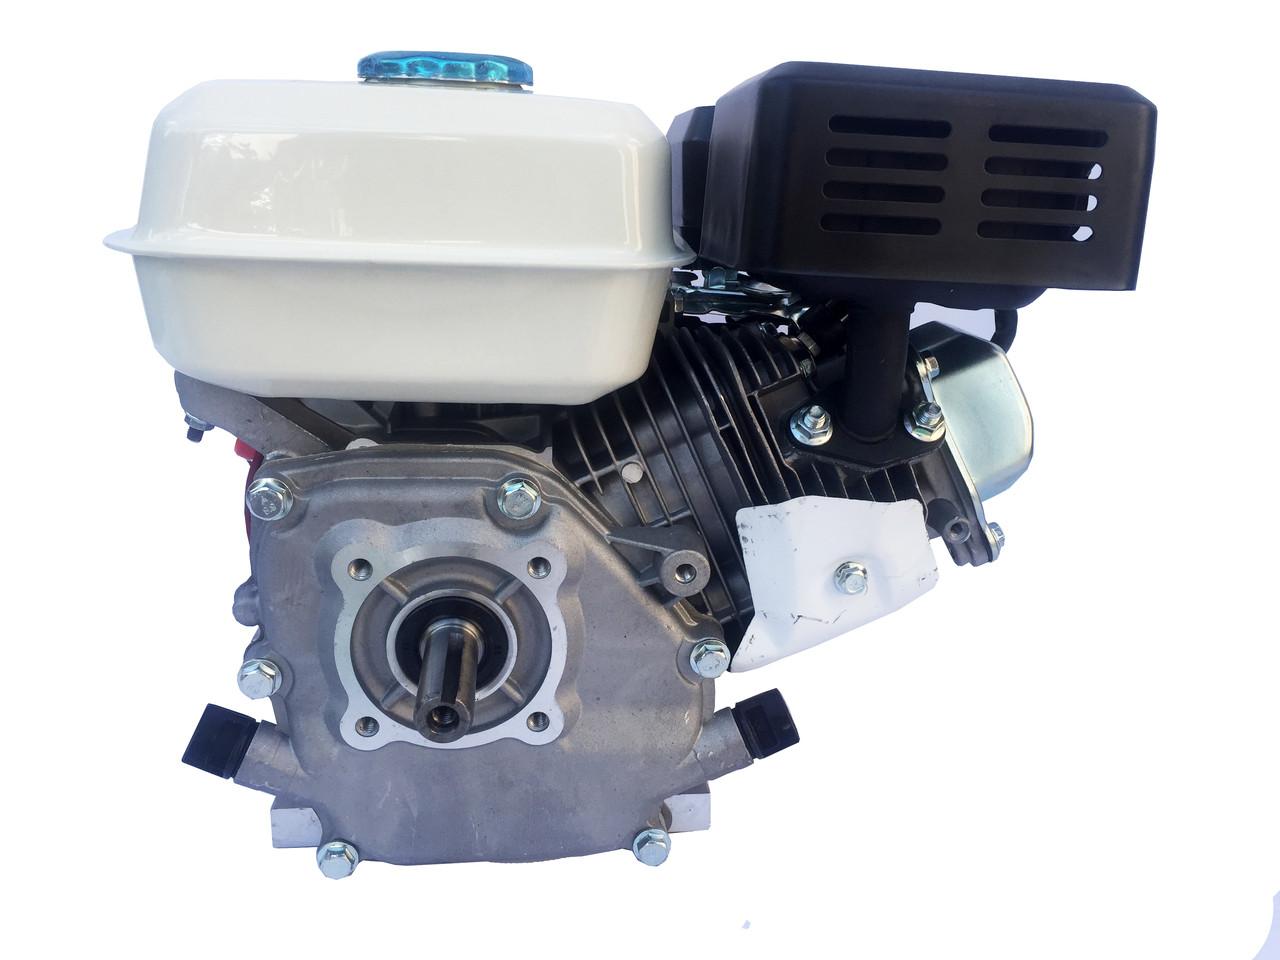 LEX двигатель внутреннего сгорания 6.5 HP 168F-2 вал 19 и 20